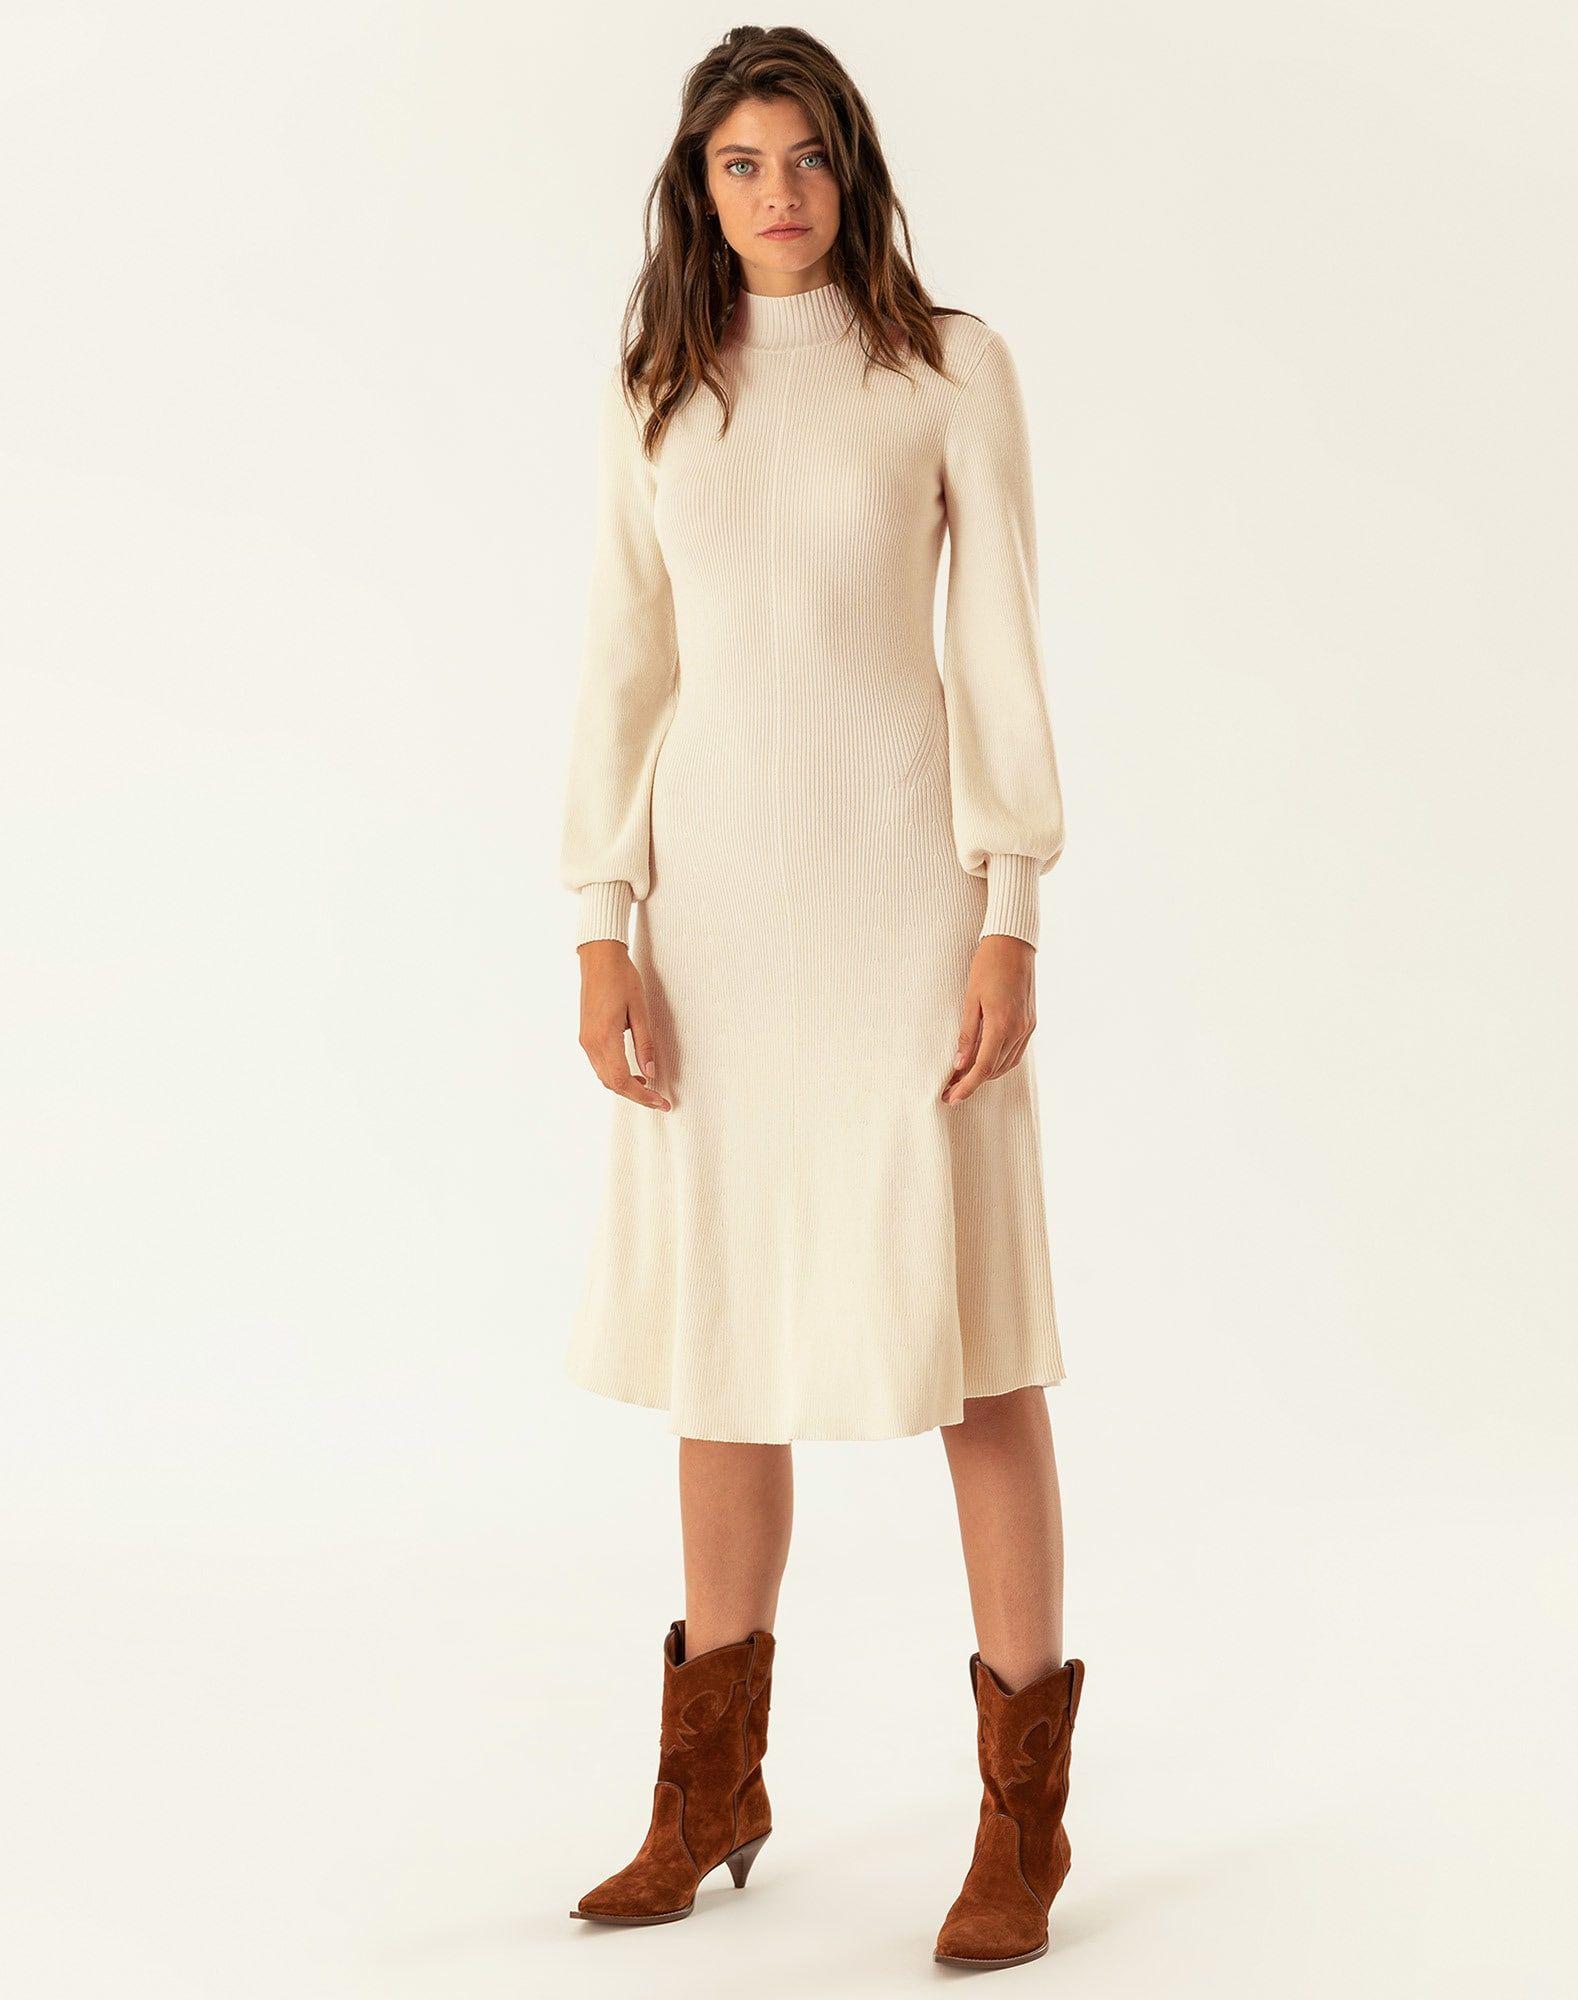 IVY & OAK Kleid Damen, Sand, Größe XXS   Winter mode, Mode ...